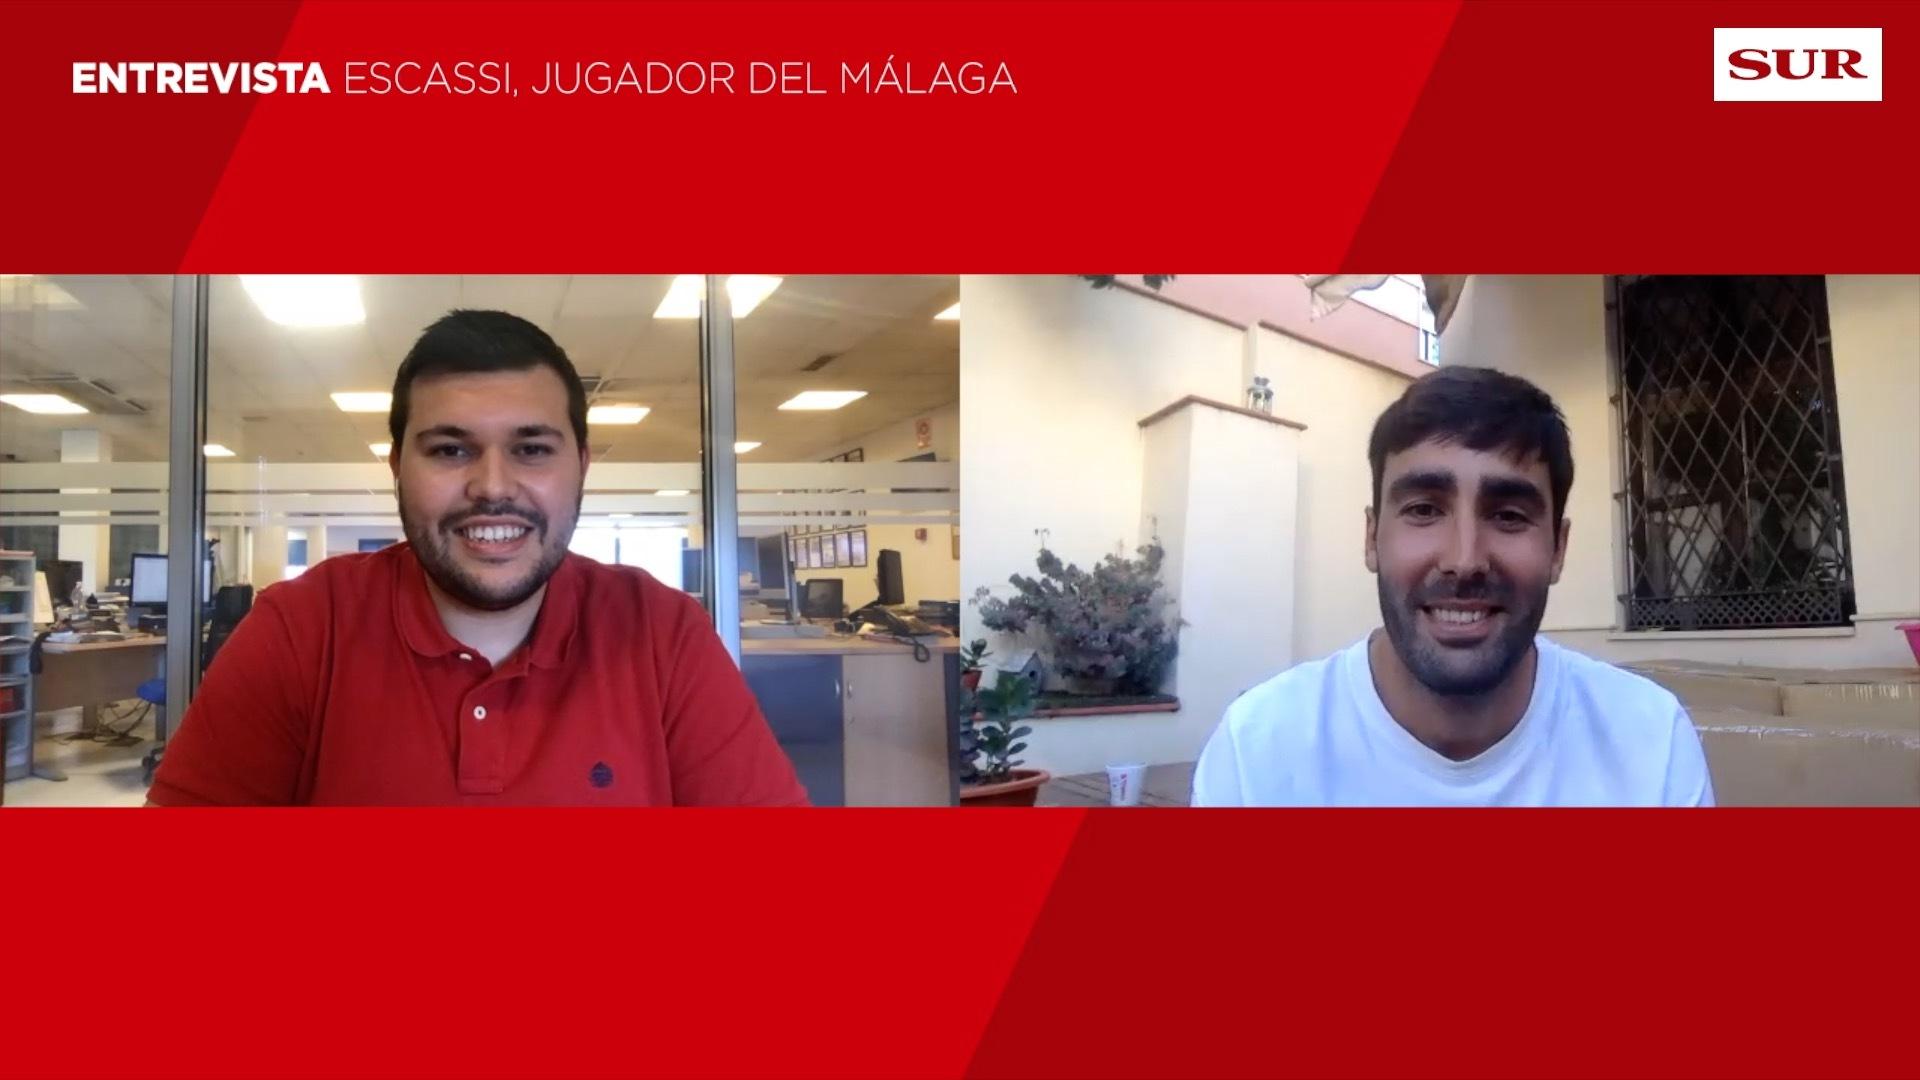 Entrevista a Escassi, jugador del Málaga